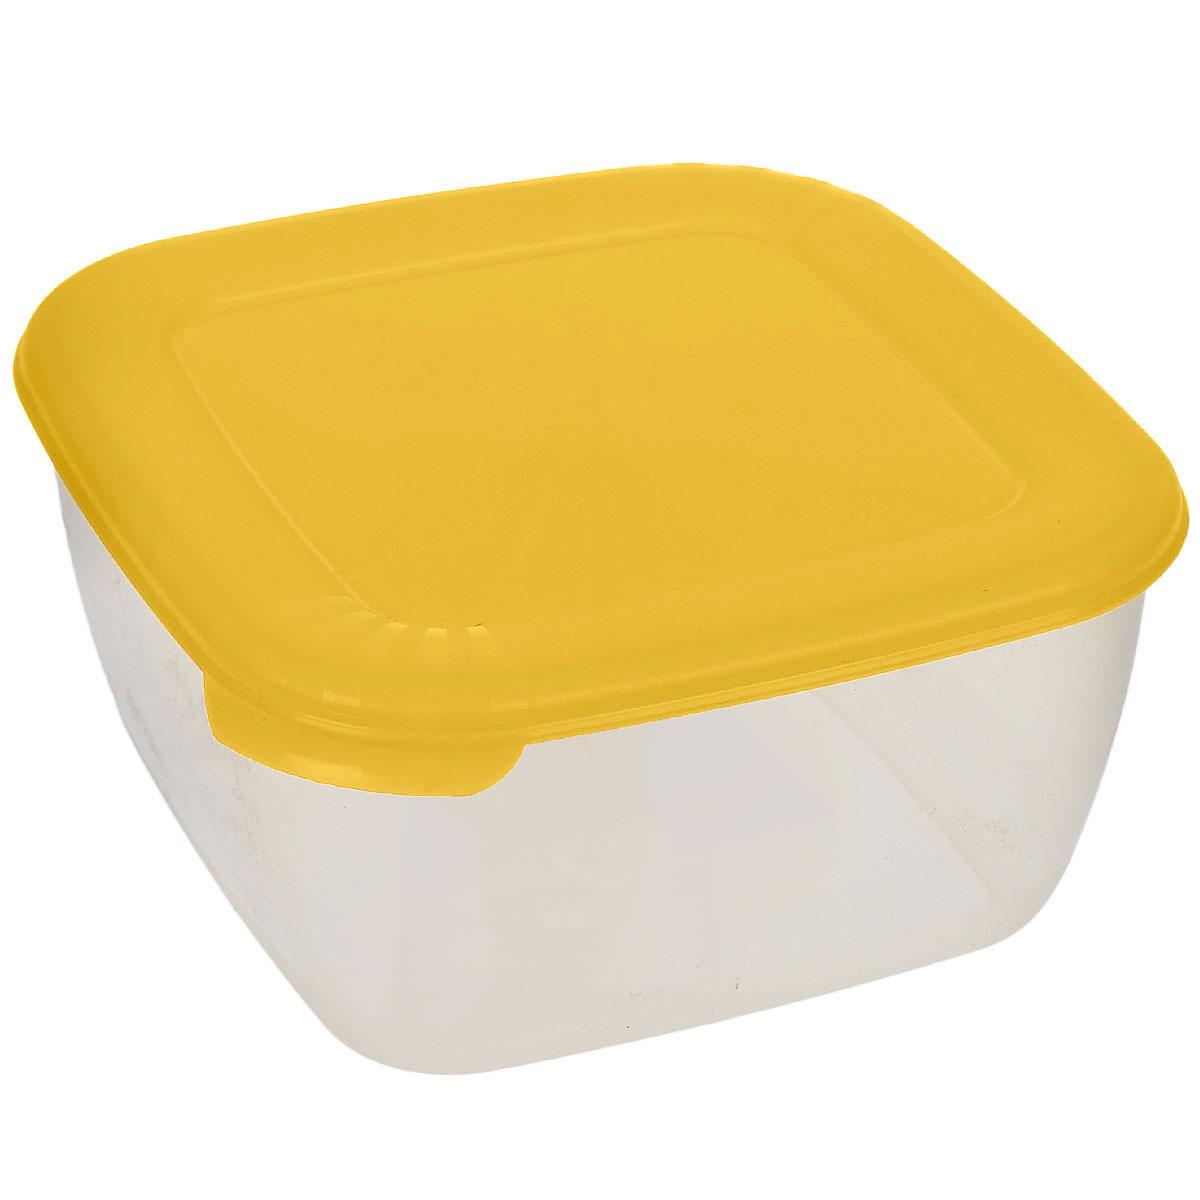 Контейнер для СВЧ Полимербыт Лайт, цвет: прозрачный, желтый, 950 млVT-1520(SR)Контейнер Полимербыт Лайт квадратной формы, изготовленный из прочного пластика, предназначен специально для хранения пищевых продуктов. Крышка легко открывается и плотно закрывается.Контейнер устойчив к воздействию масел и жиров, легко моется. Прозрачные стенки позволяют видеть содержимое. Контейнер имеет возможность хранения продуктов глубокой заморозки, обладает высокой прочностью. Можно мыть в посудомоечной машине.Контейнер подходит для использования в микроволновой печи без крышки, а также для заморозки в морозильной камере.